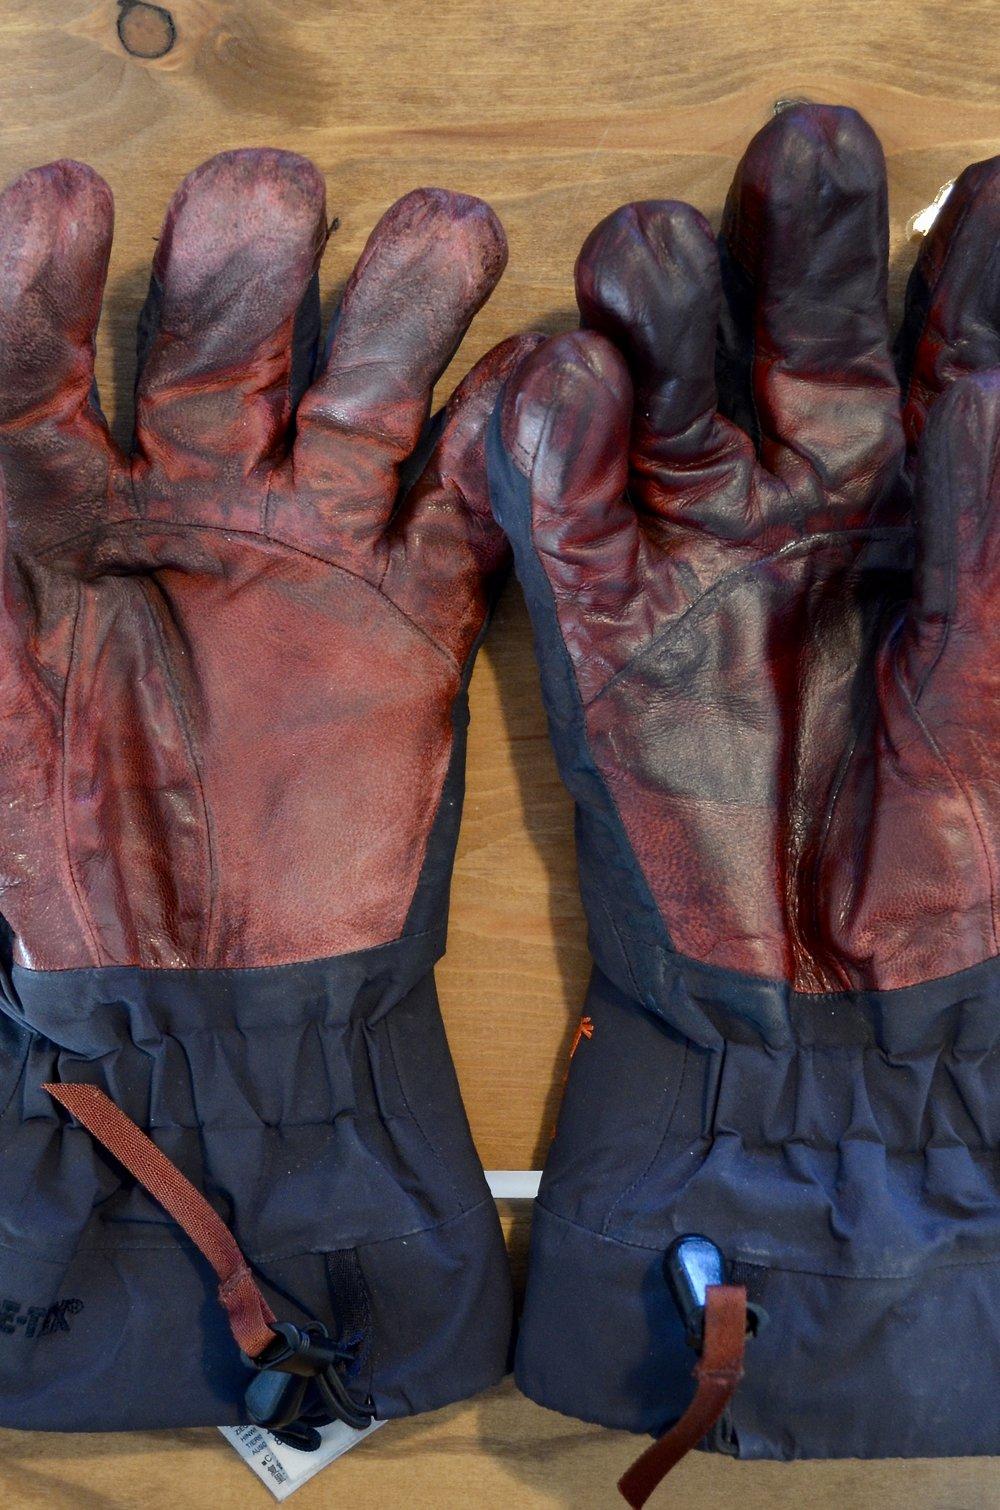 Før og efter - det fremgår tydeligt at handsken til højre er smurt ind i fedt